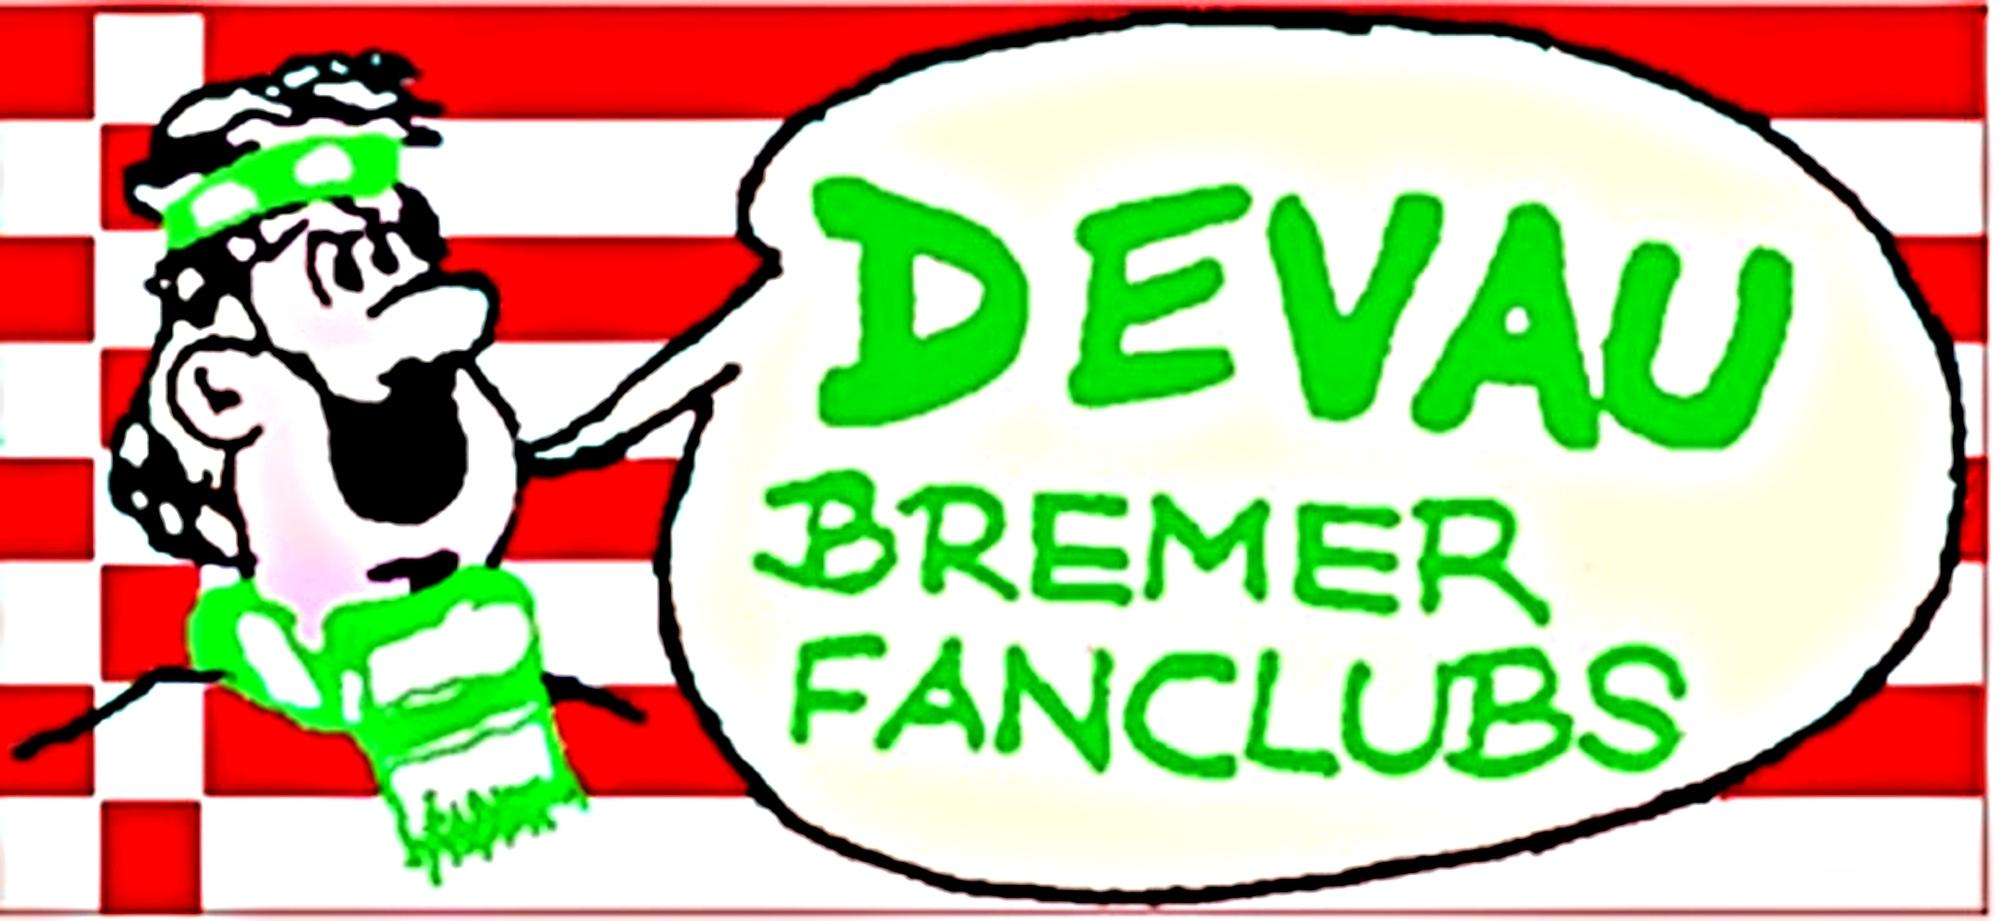 Logo Dachverband Bremer Fanclubs